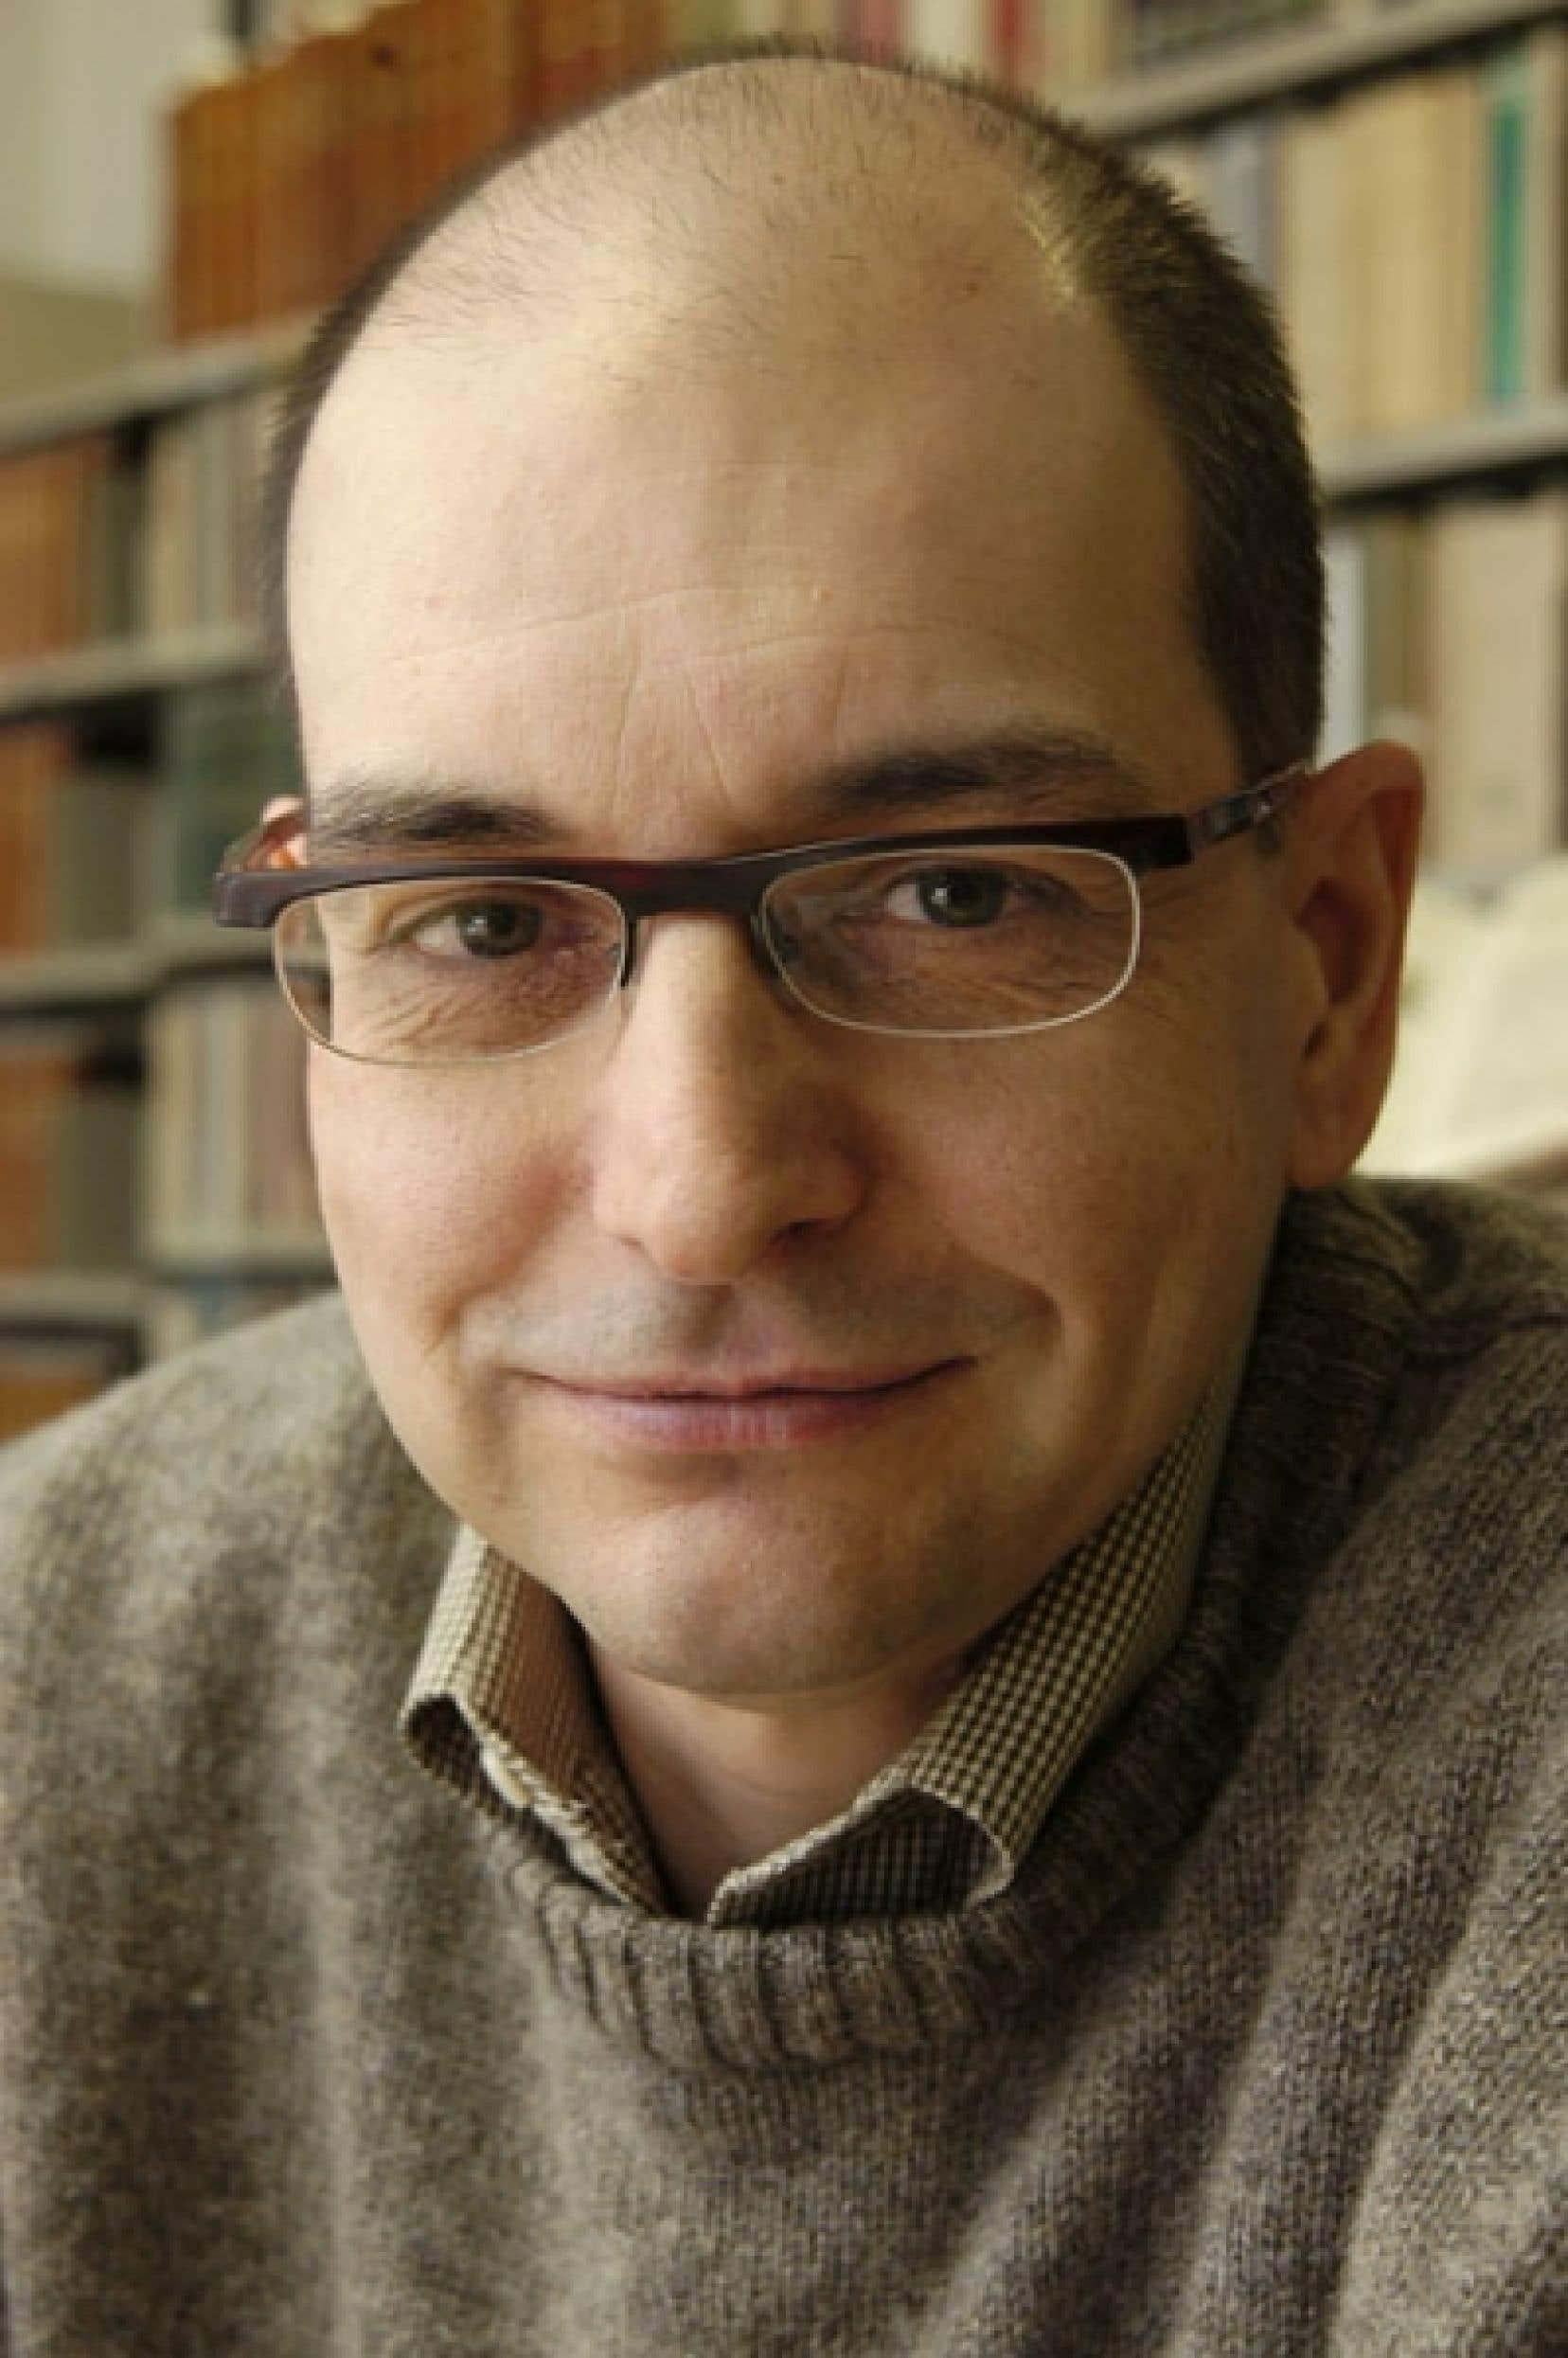 Le directeur scientifique des PUM, Benoît Melançon, est très fier de la nouvelle collection «Profession», qui vulgarise le travail des professeurs d'université en s'adressant à un large public.